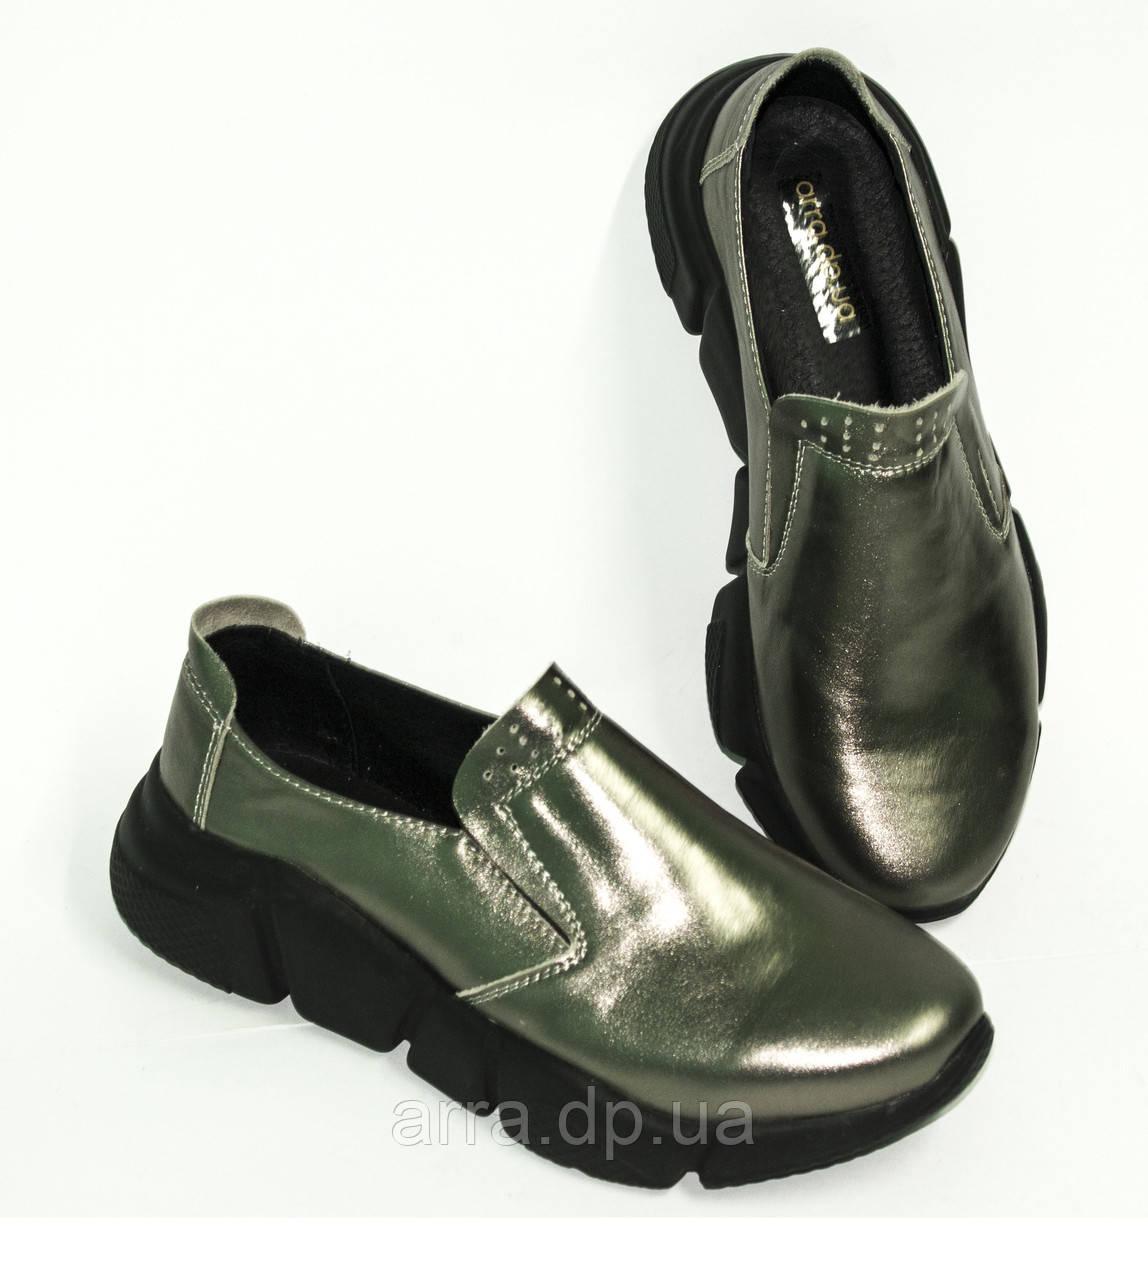 Туфли женские кожаные на утолщенной подошве, цвет никель